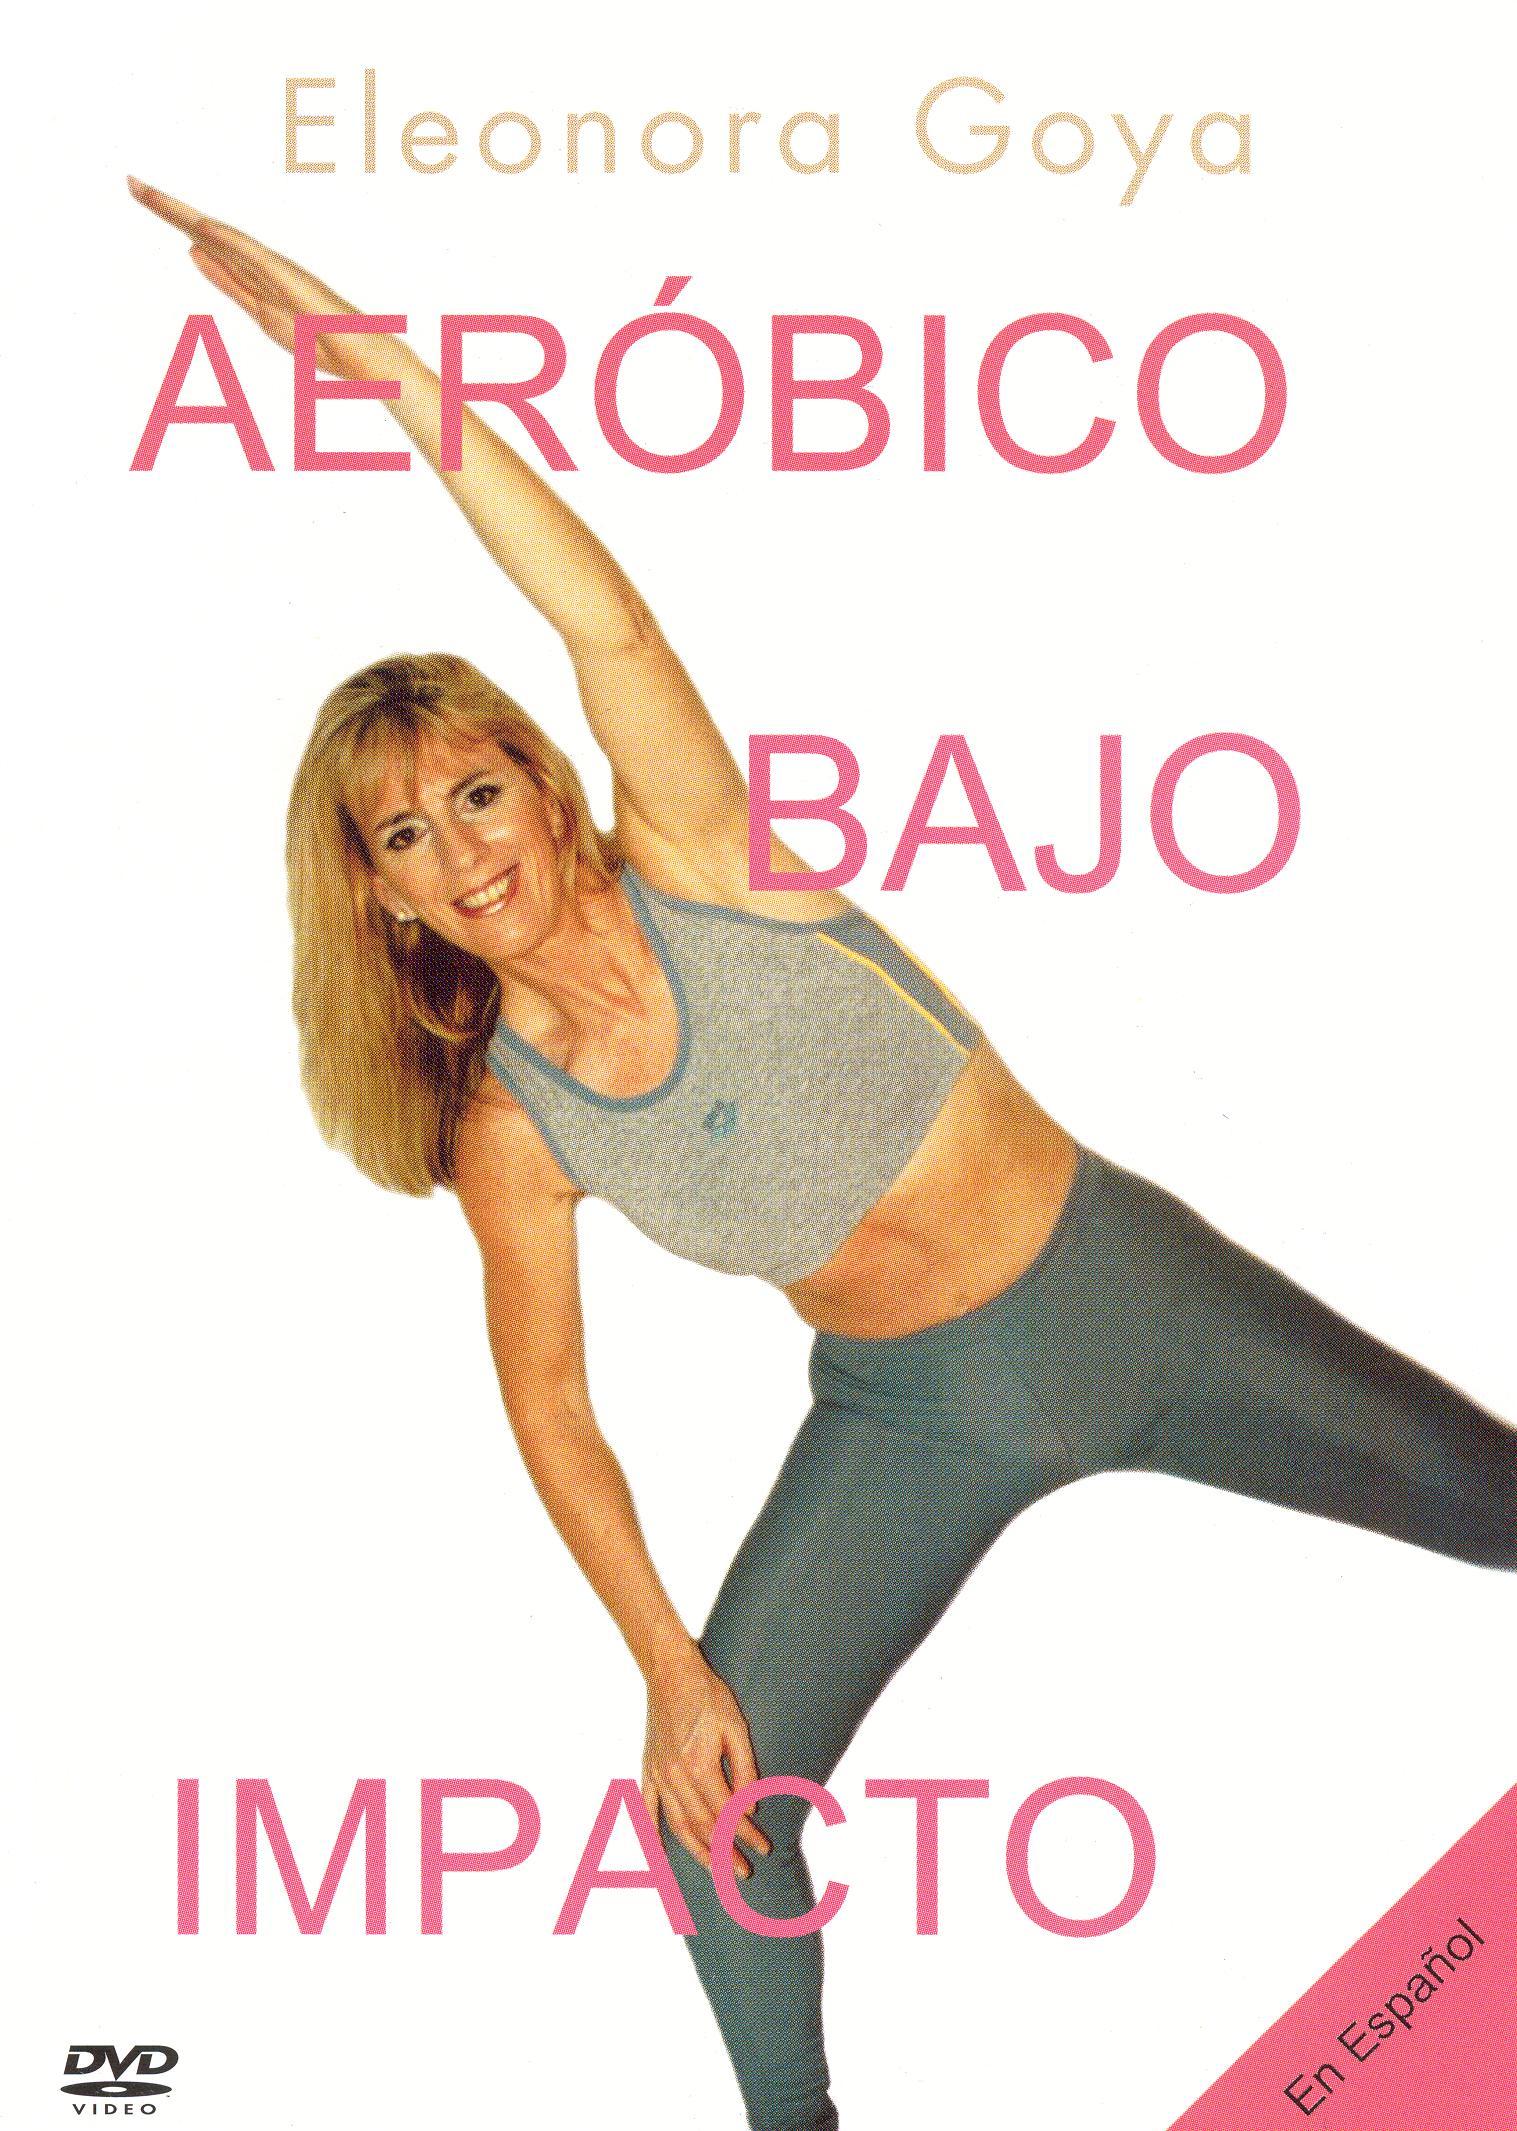 Eleonora Goya: Aerobico Bajo Impacto